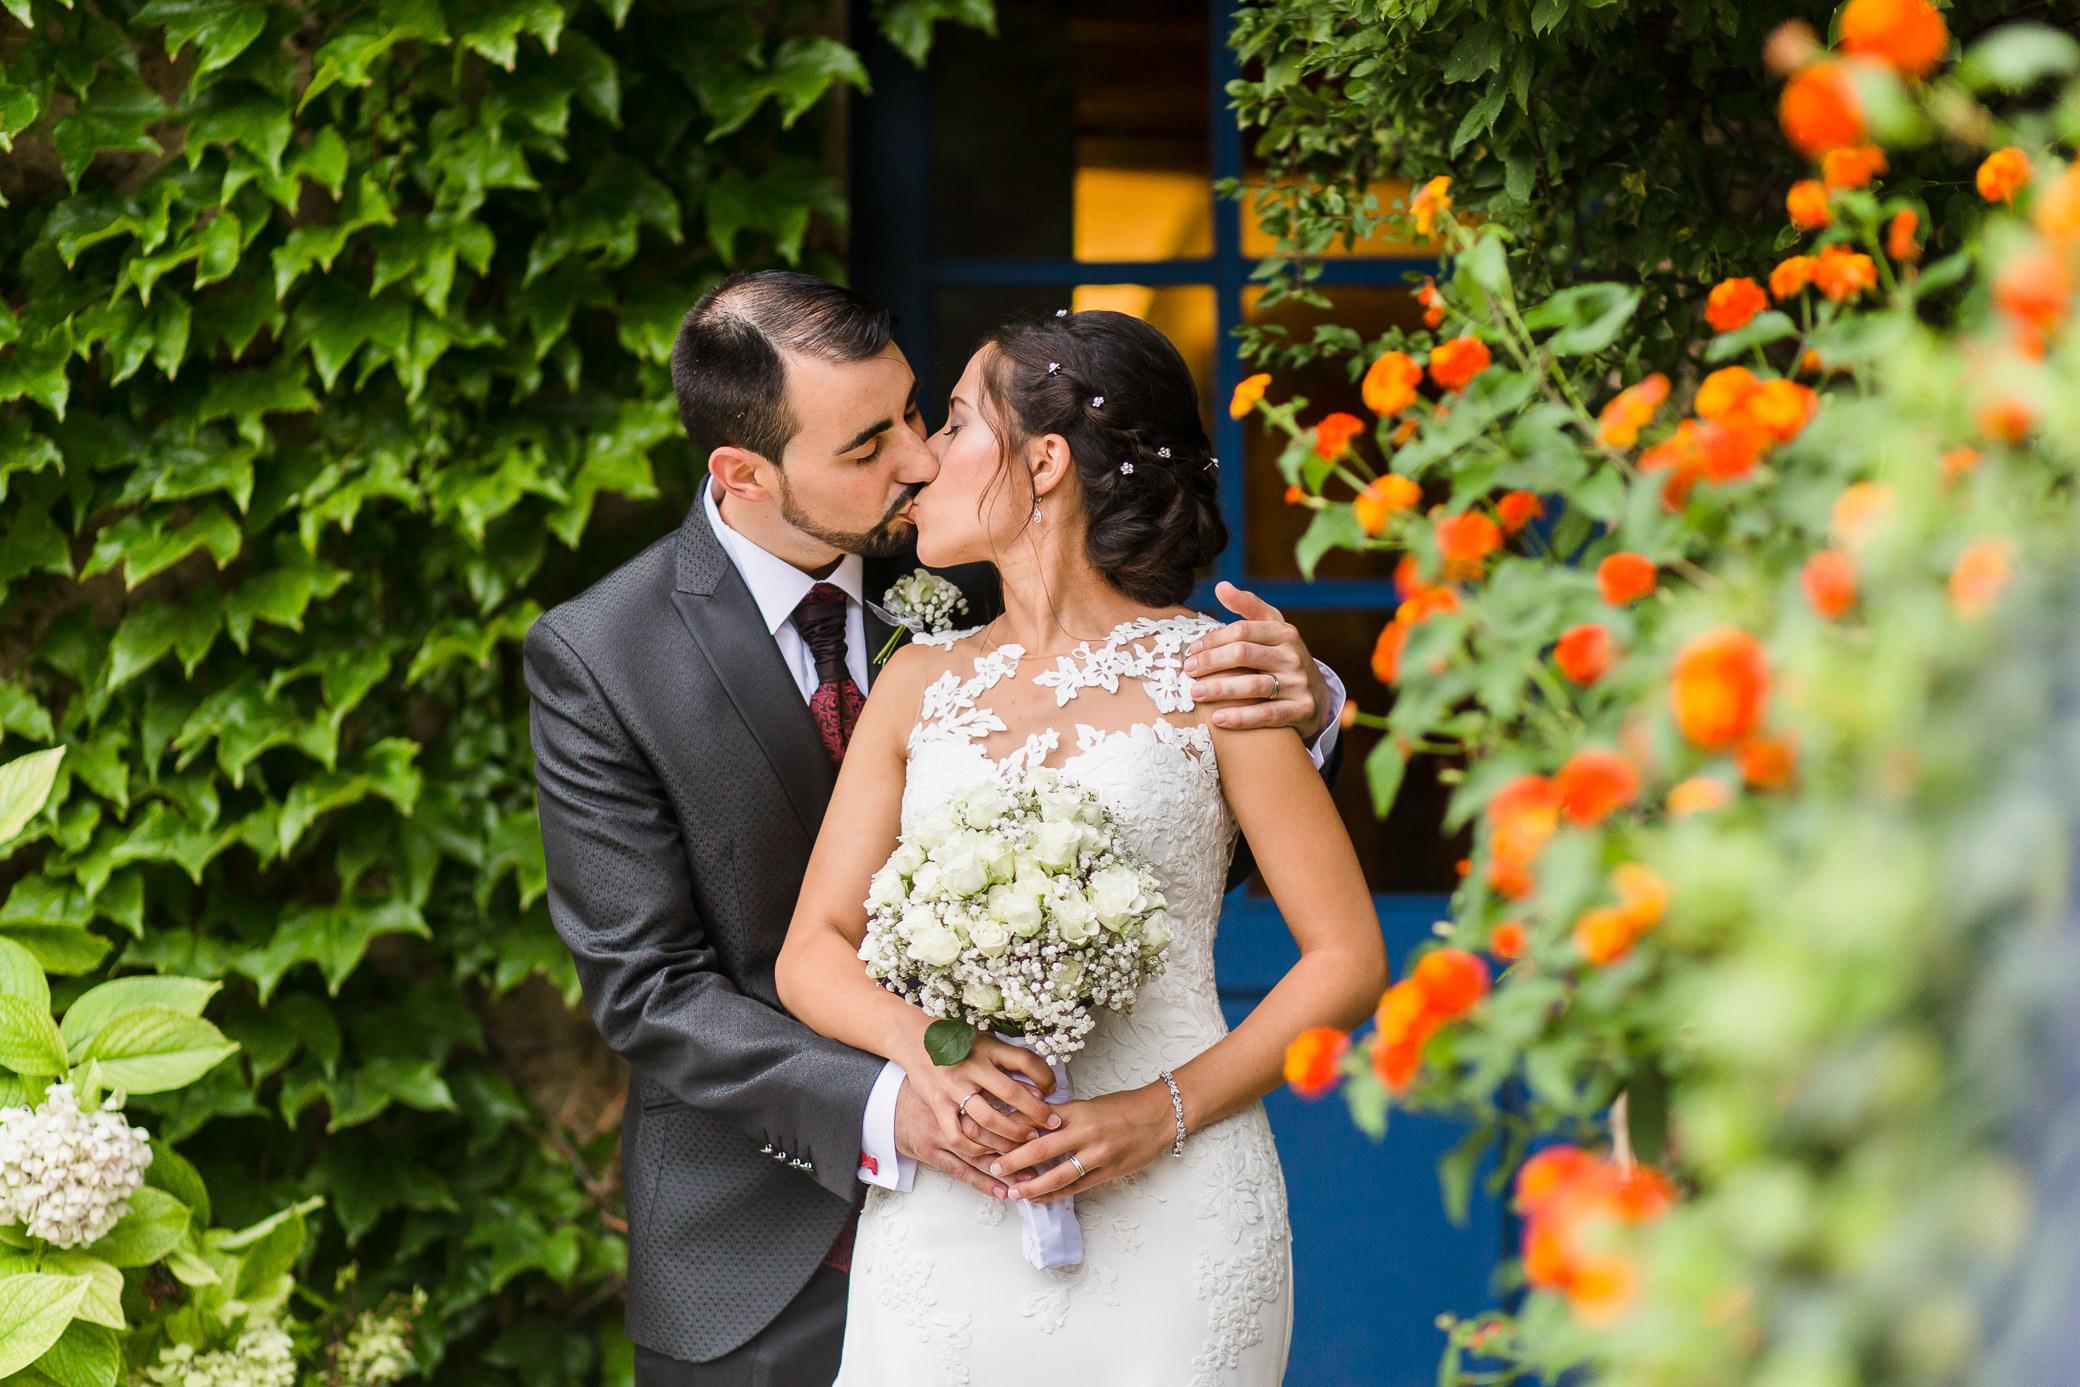 boda-aire-libre-can-tosca-photografeel-53.jpg